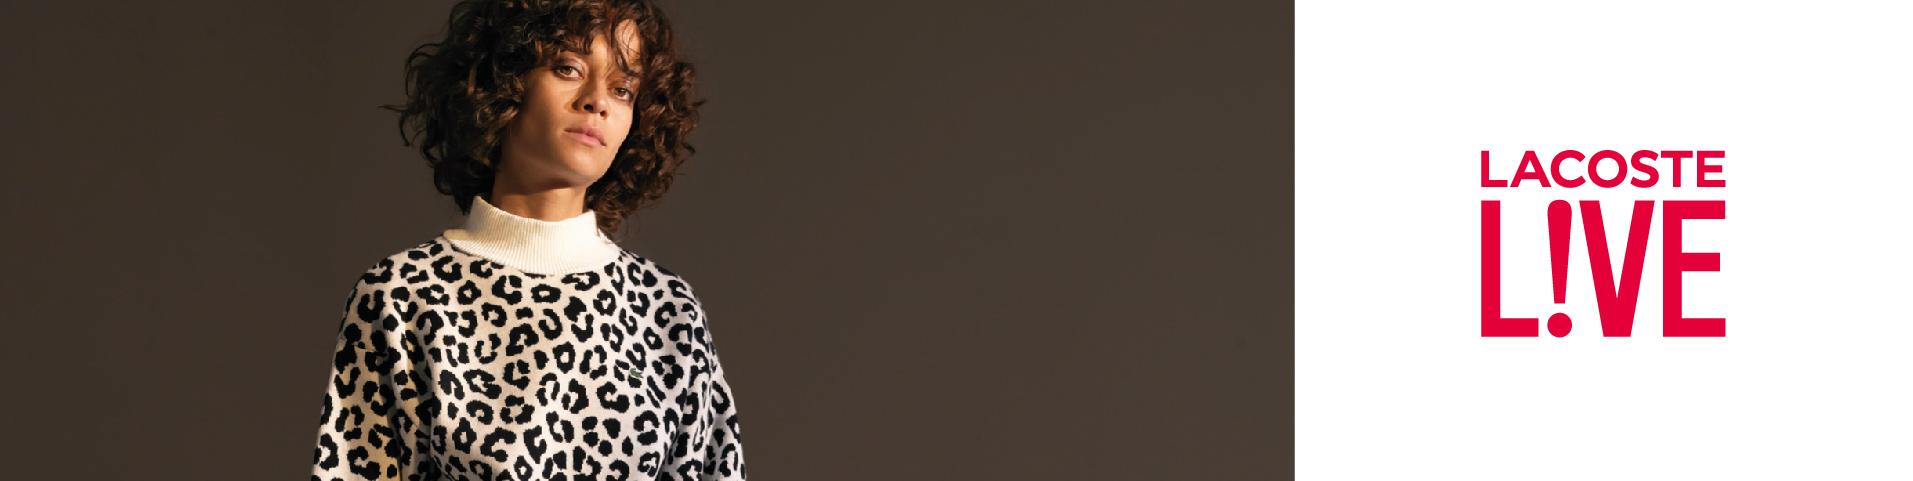 SALE! Jetzt die besten Lacoste LIVE Sale Angebote shoppen   bei ZALANDO 9af4616a37